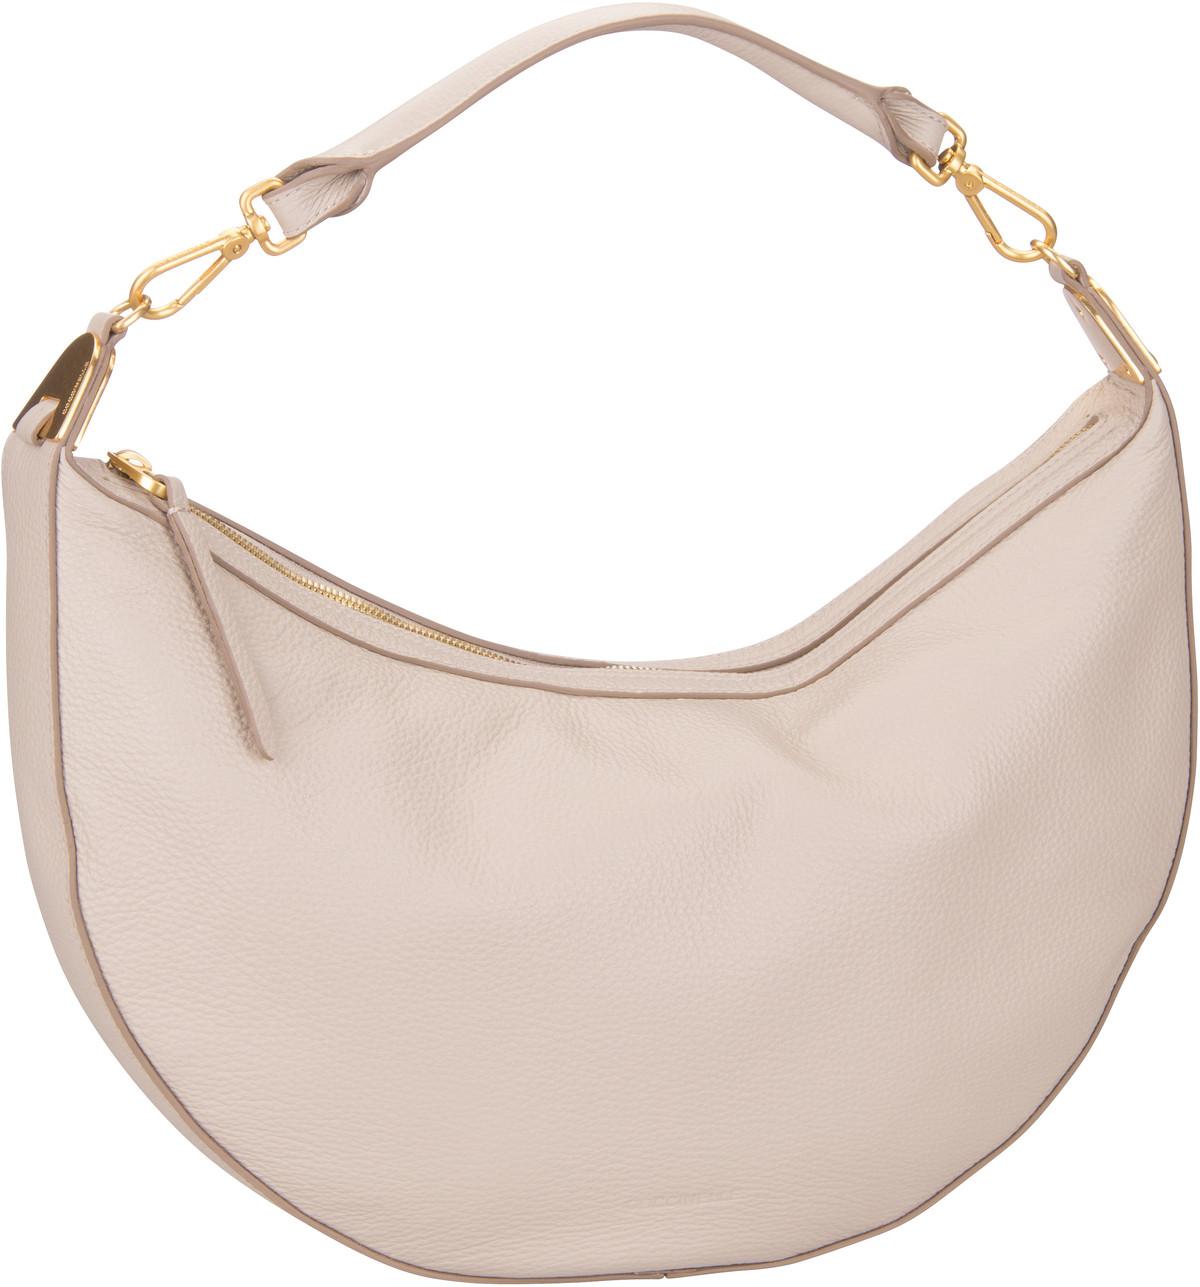 Handtasche Anais 1302 Seashell